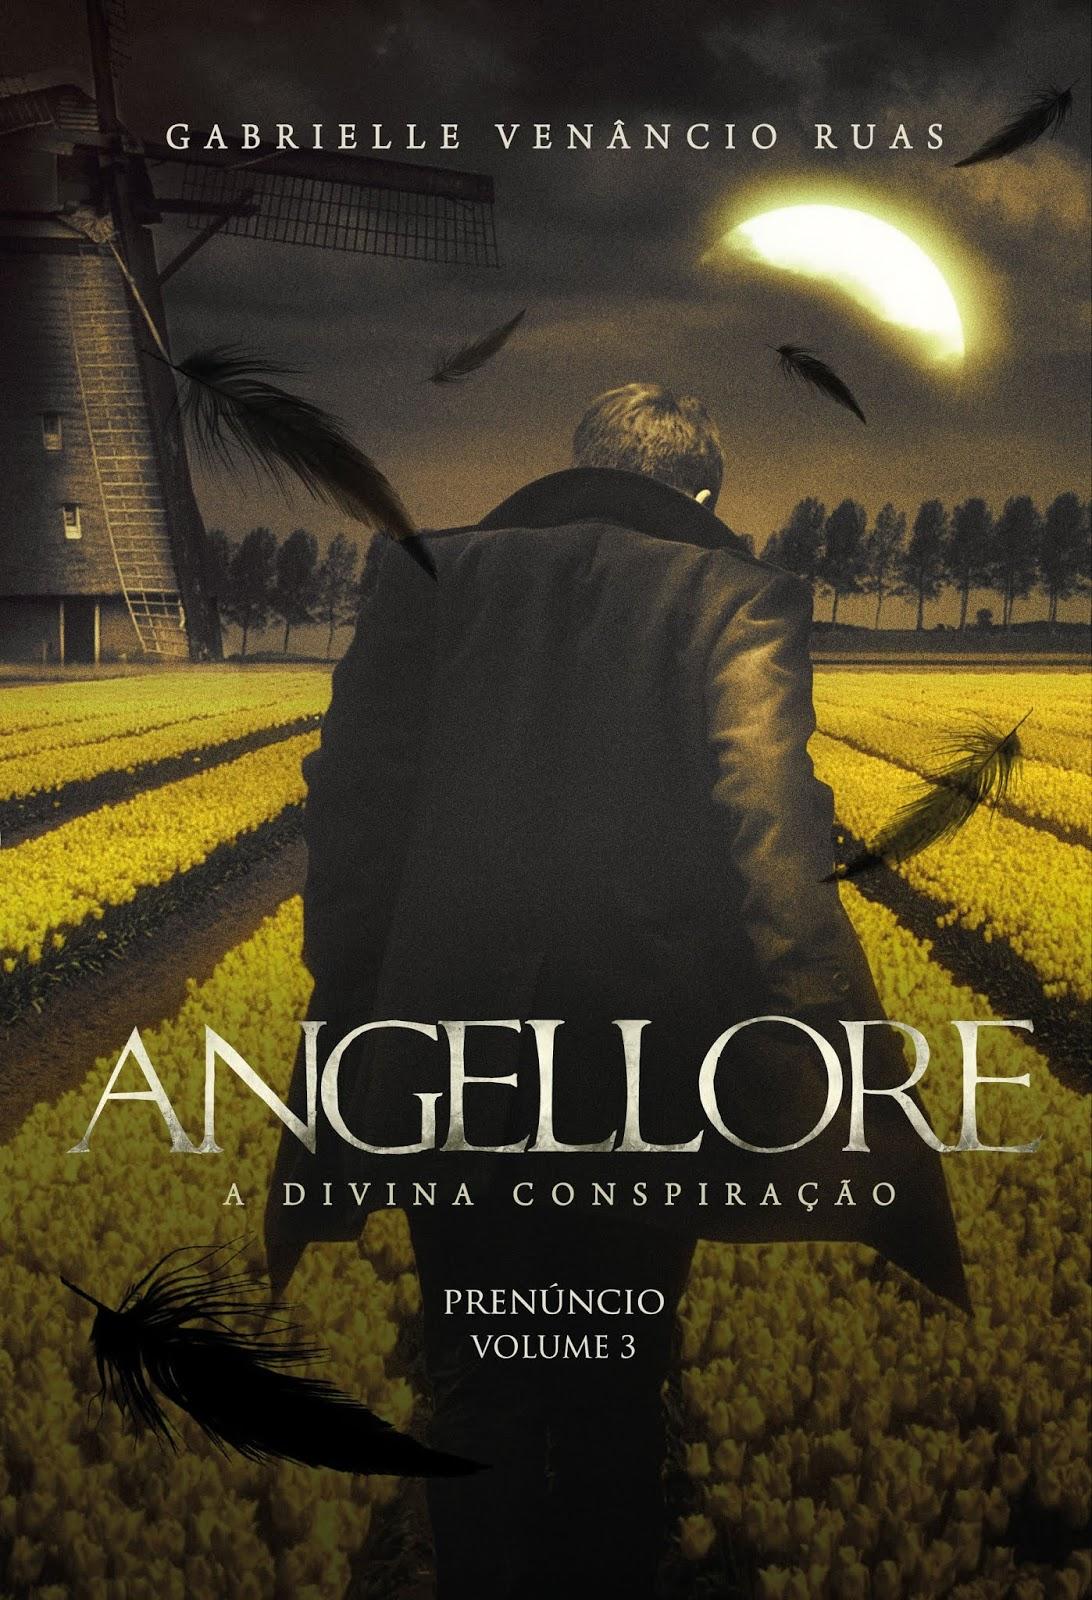 Angellore - Divina Conspiração Vol 3